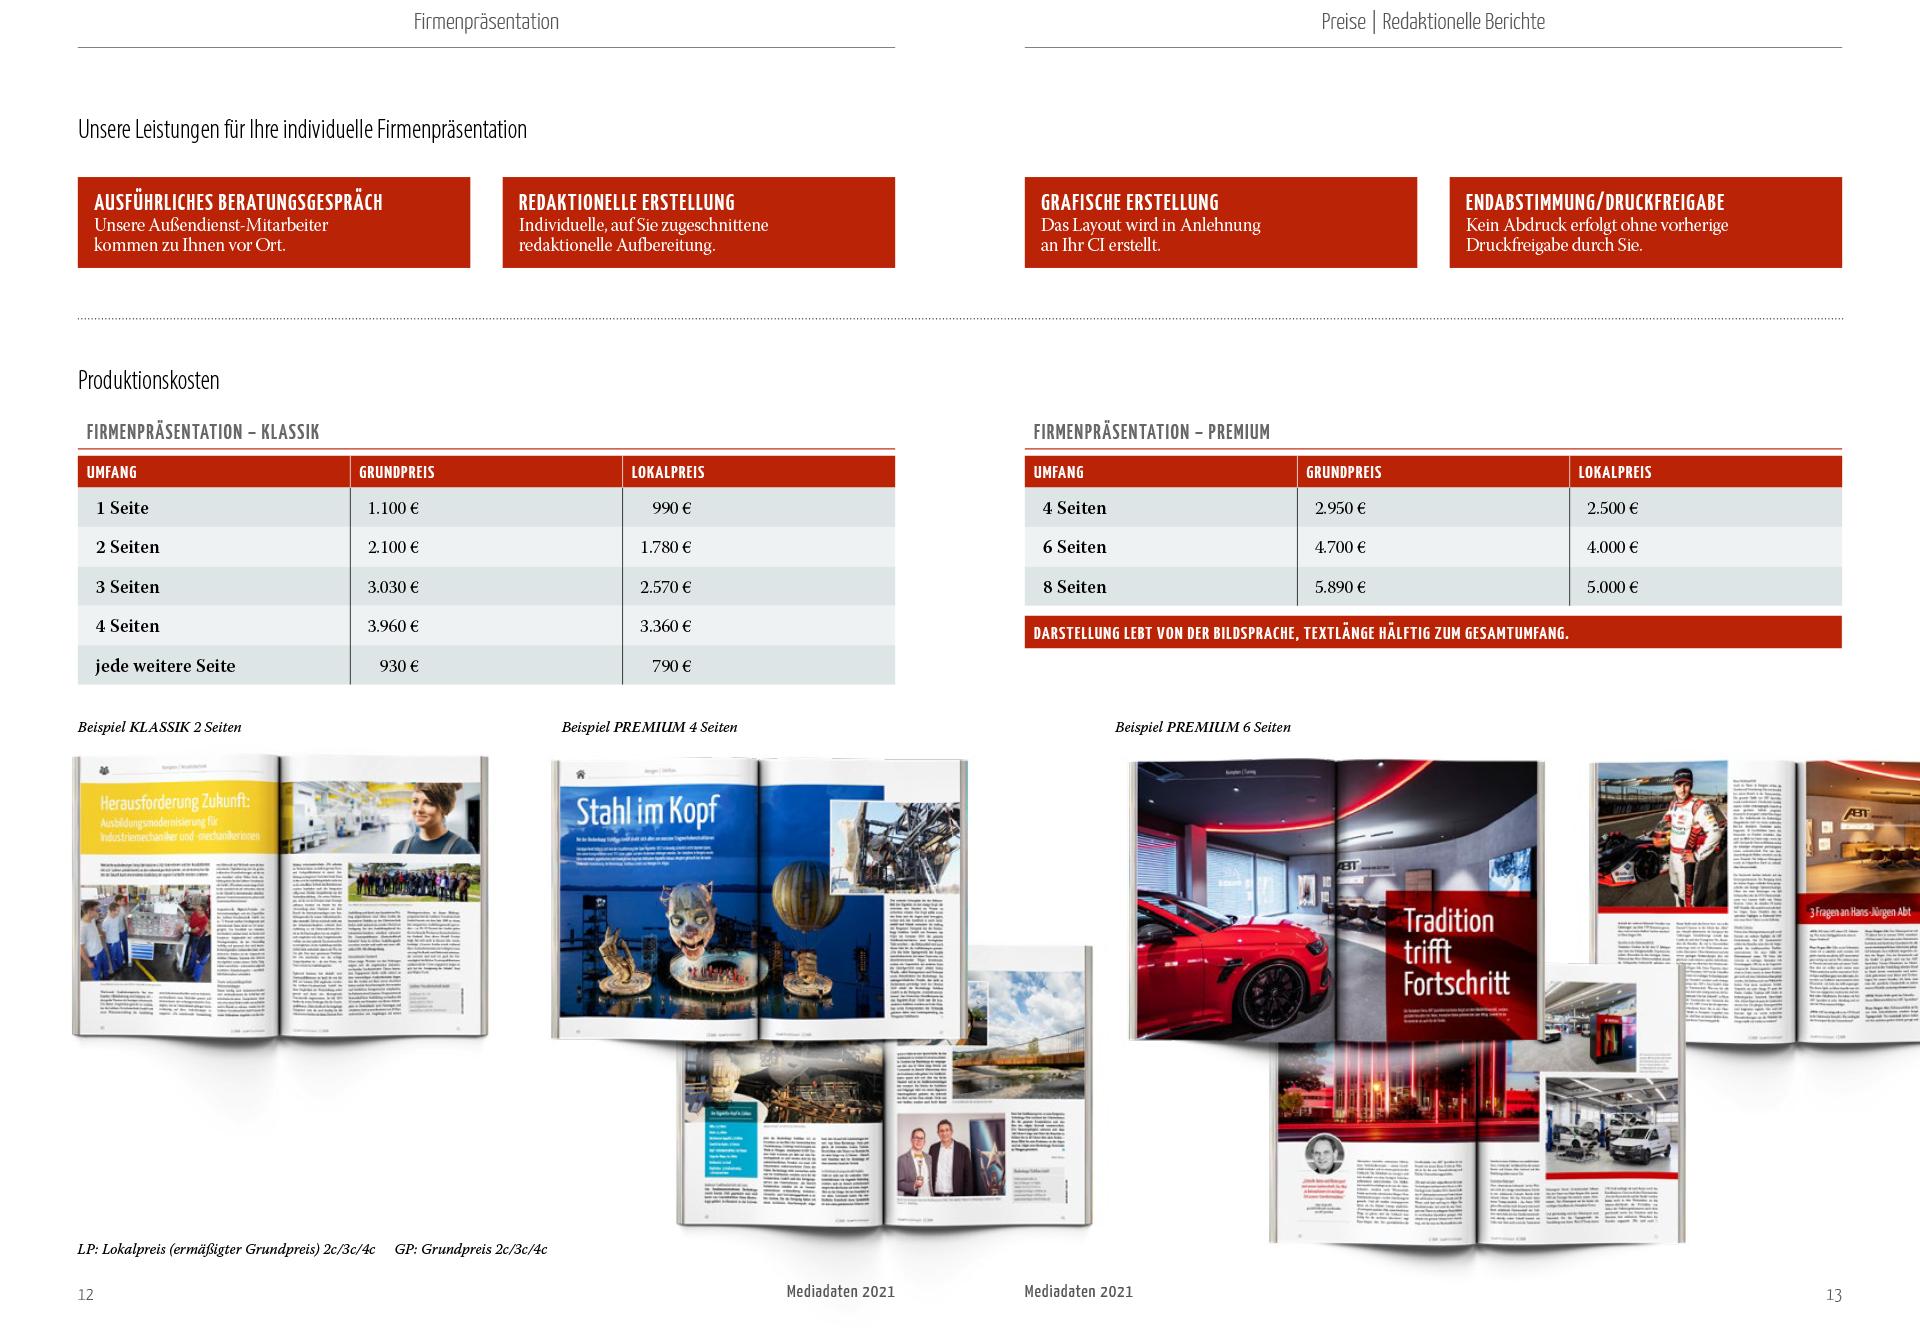 Allgäuer Wirtschaftsmagazin Preise Firmenpräsentation und redaktionelle Beiträge